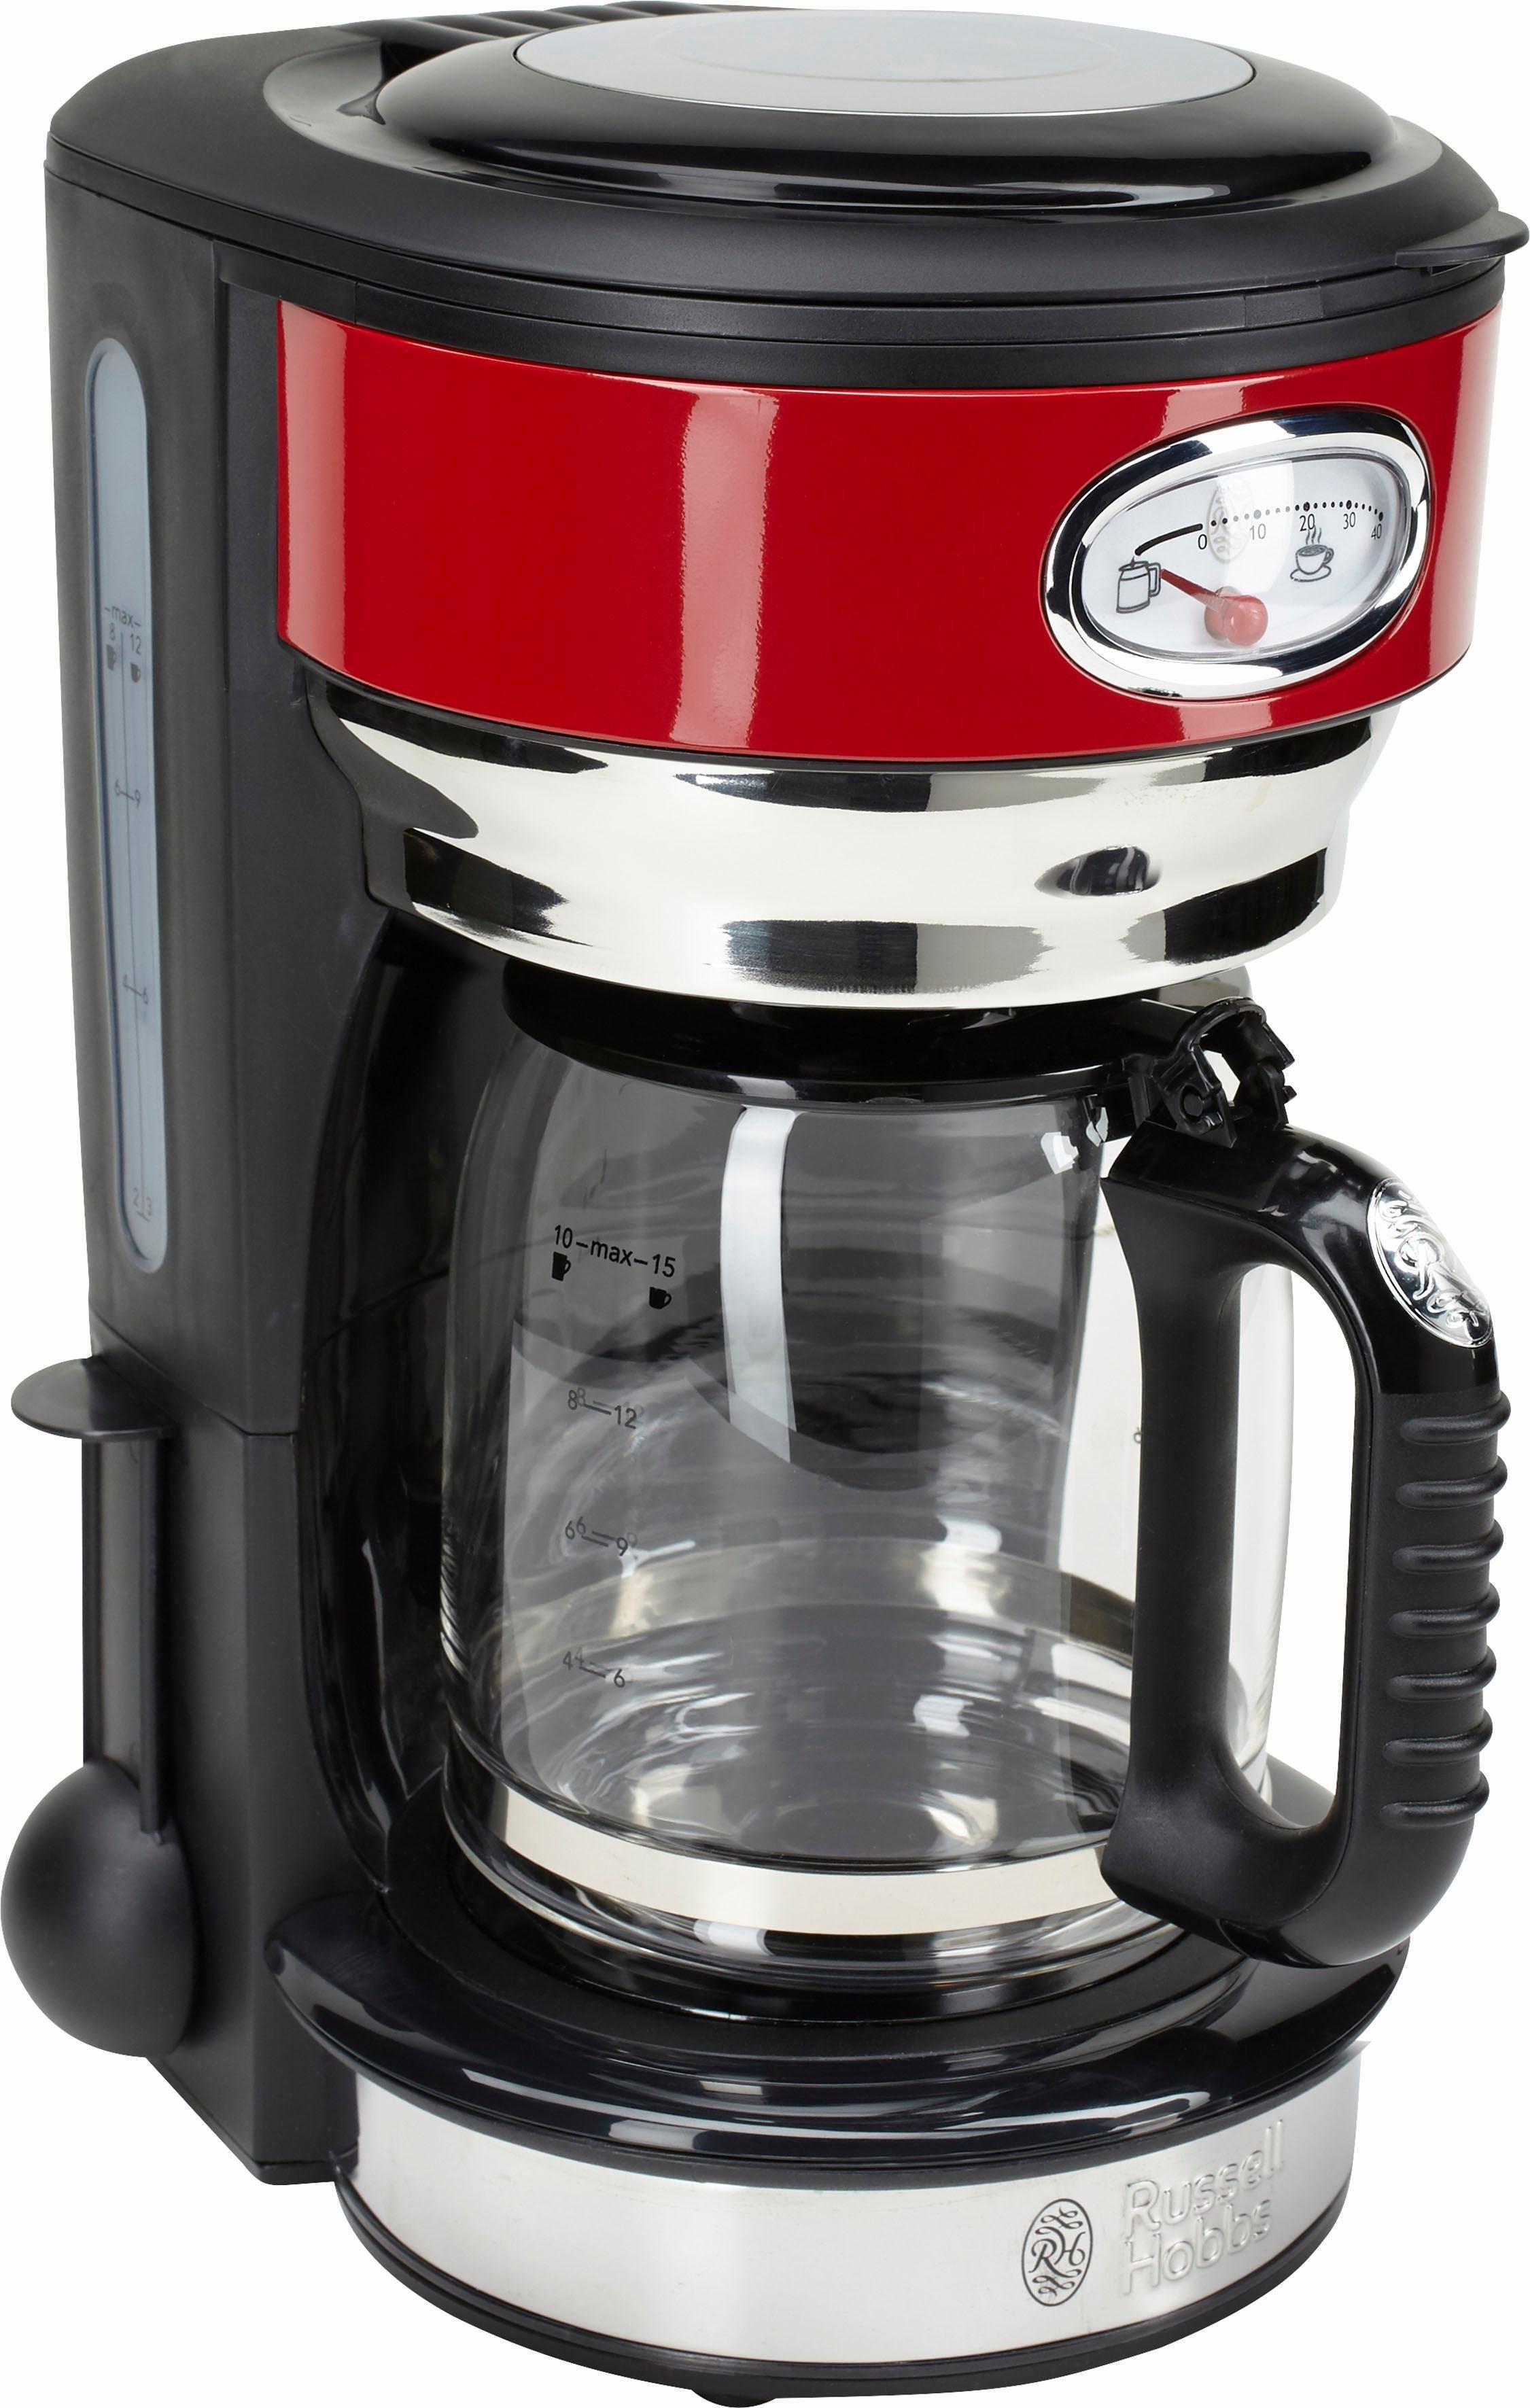 RUSSELL HOBBS Filterkaffeemaschine Retro 21700-56, 1,25l Kaffeekanne, Papierfilter 1x4